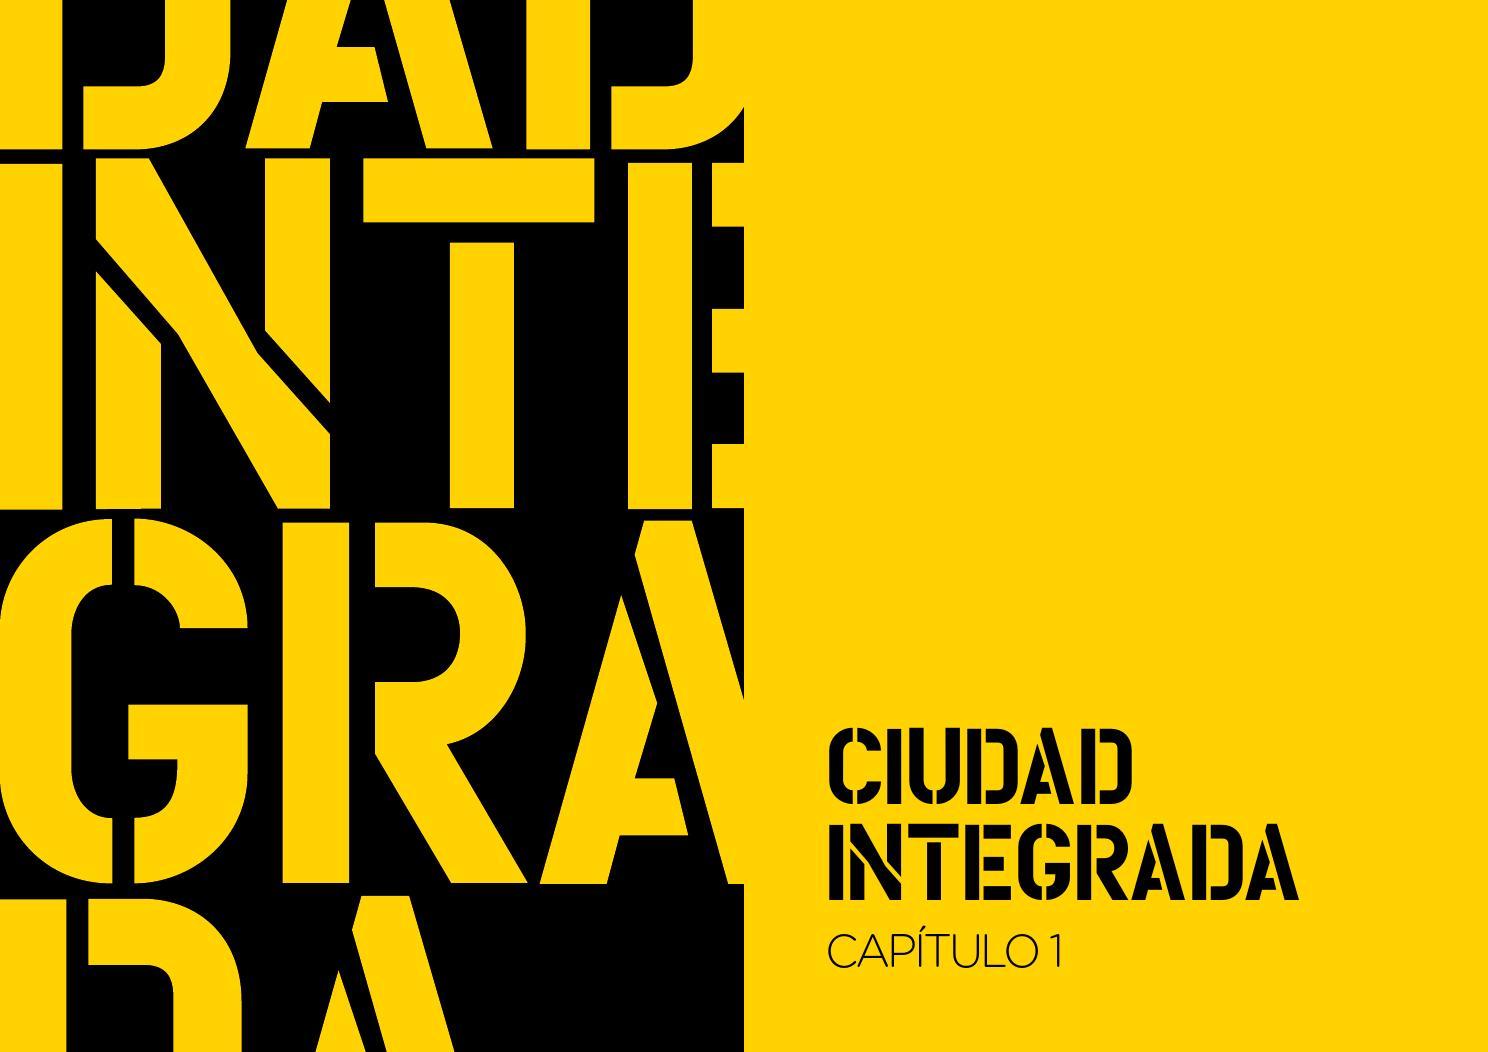 Desarrollo Econ Mico Innovaci N Creatividad Y Talento By  # Cea Muebles Paternal